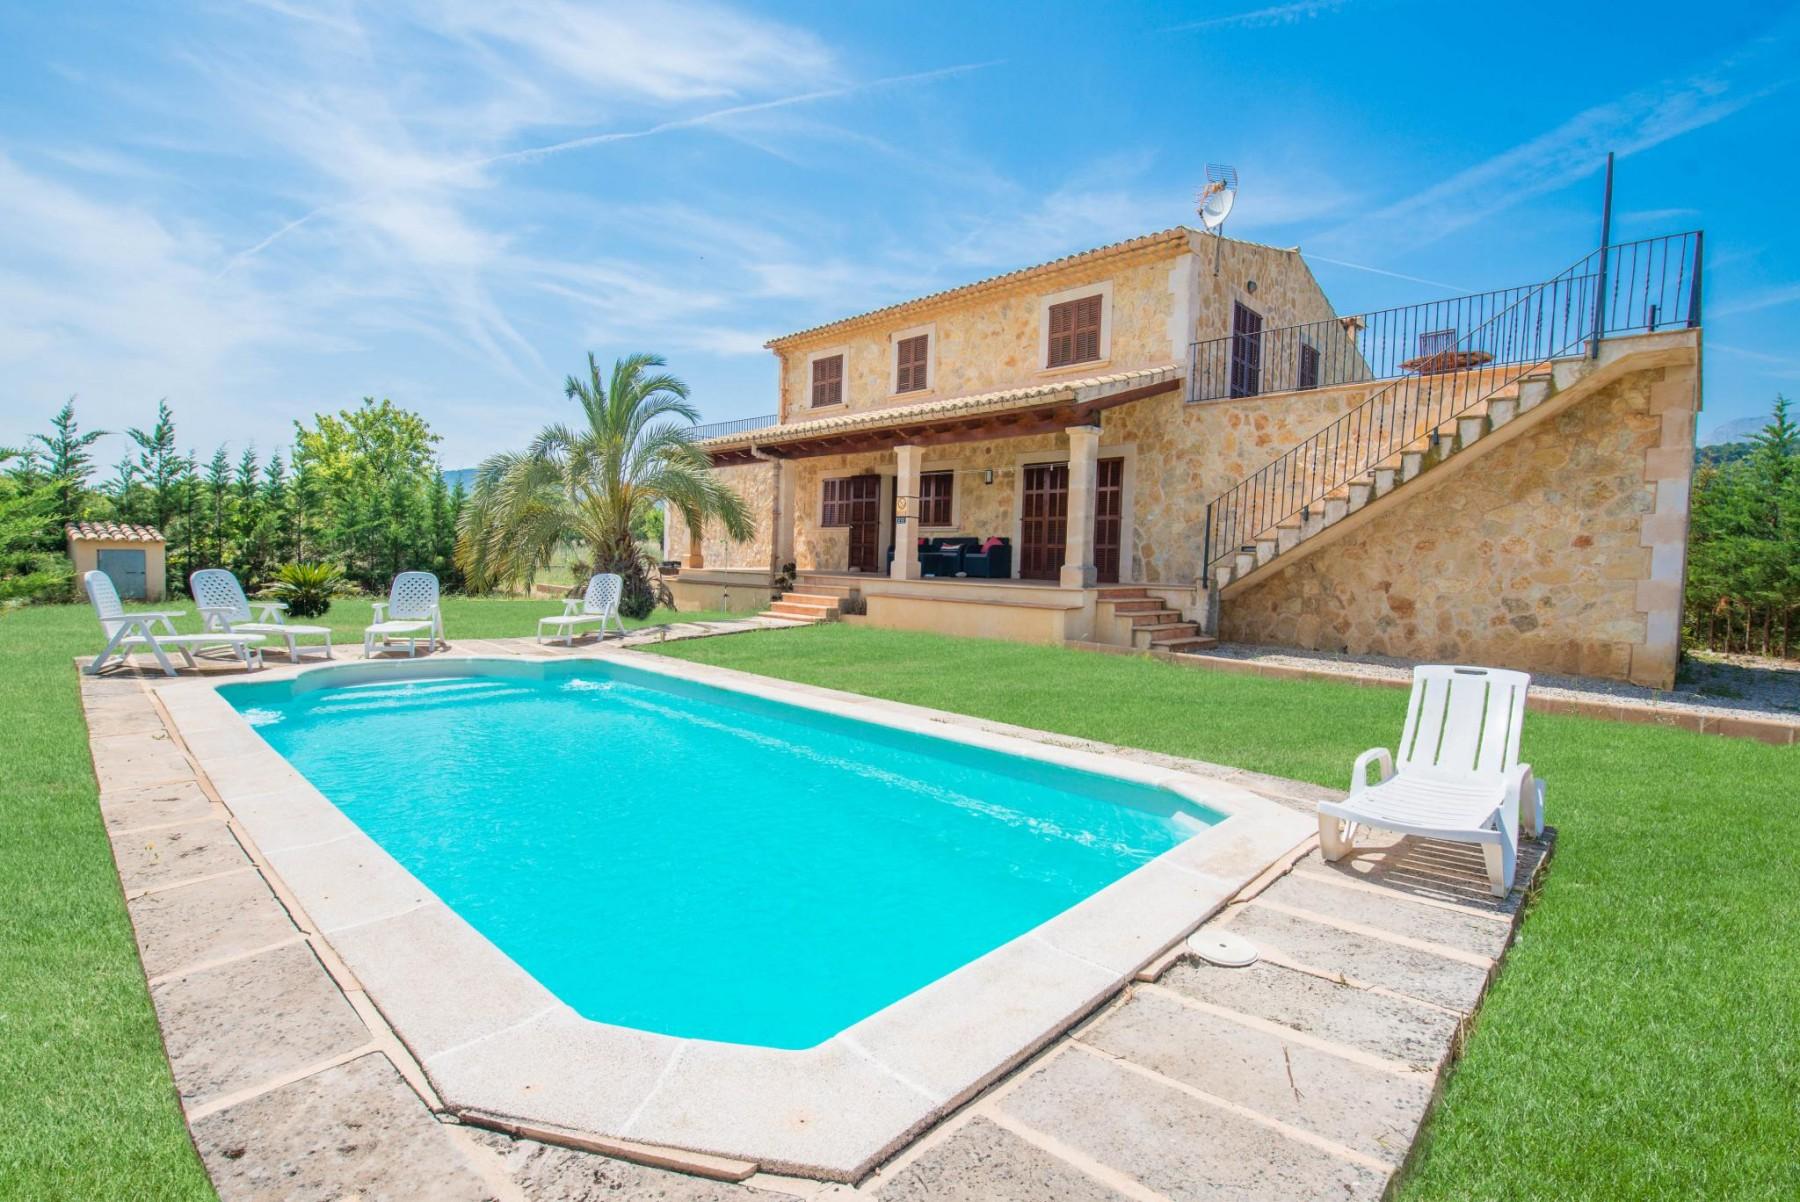 BONA VIDA for 10 guests in Selva, Spanien